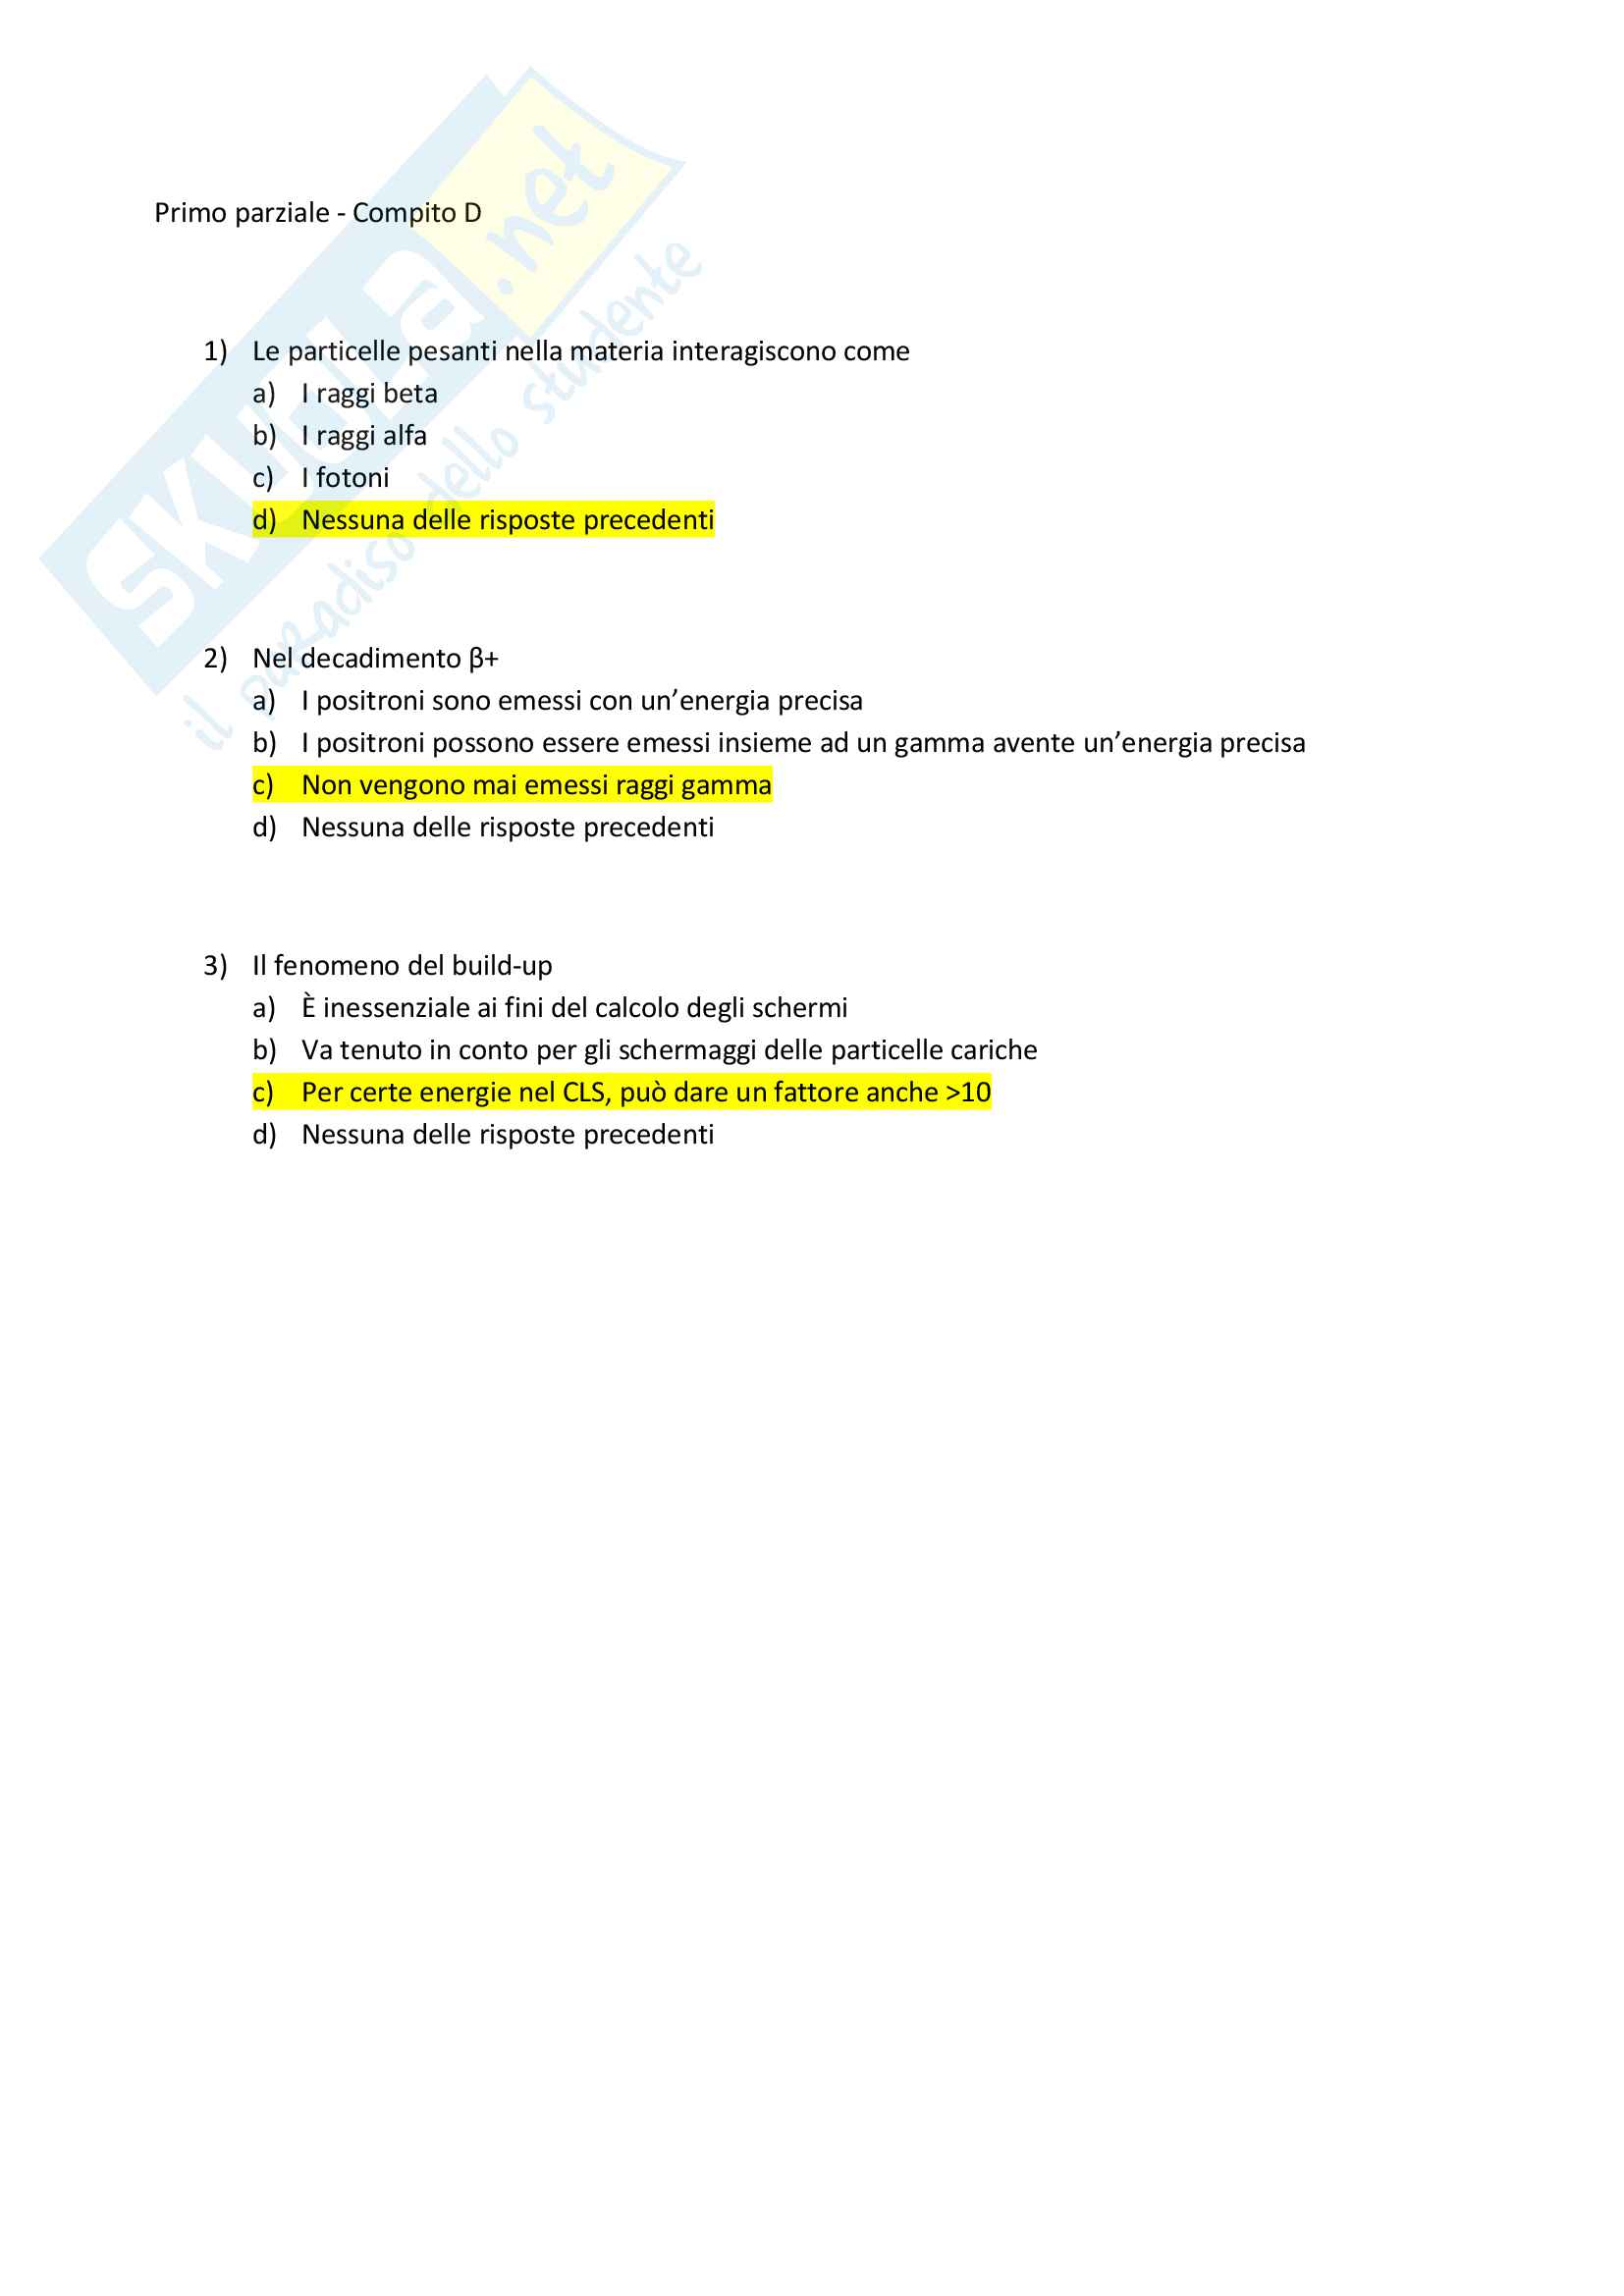 Appunti e Simulazioni d'esame di Radioprotezione T Pag. 6